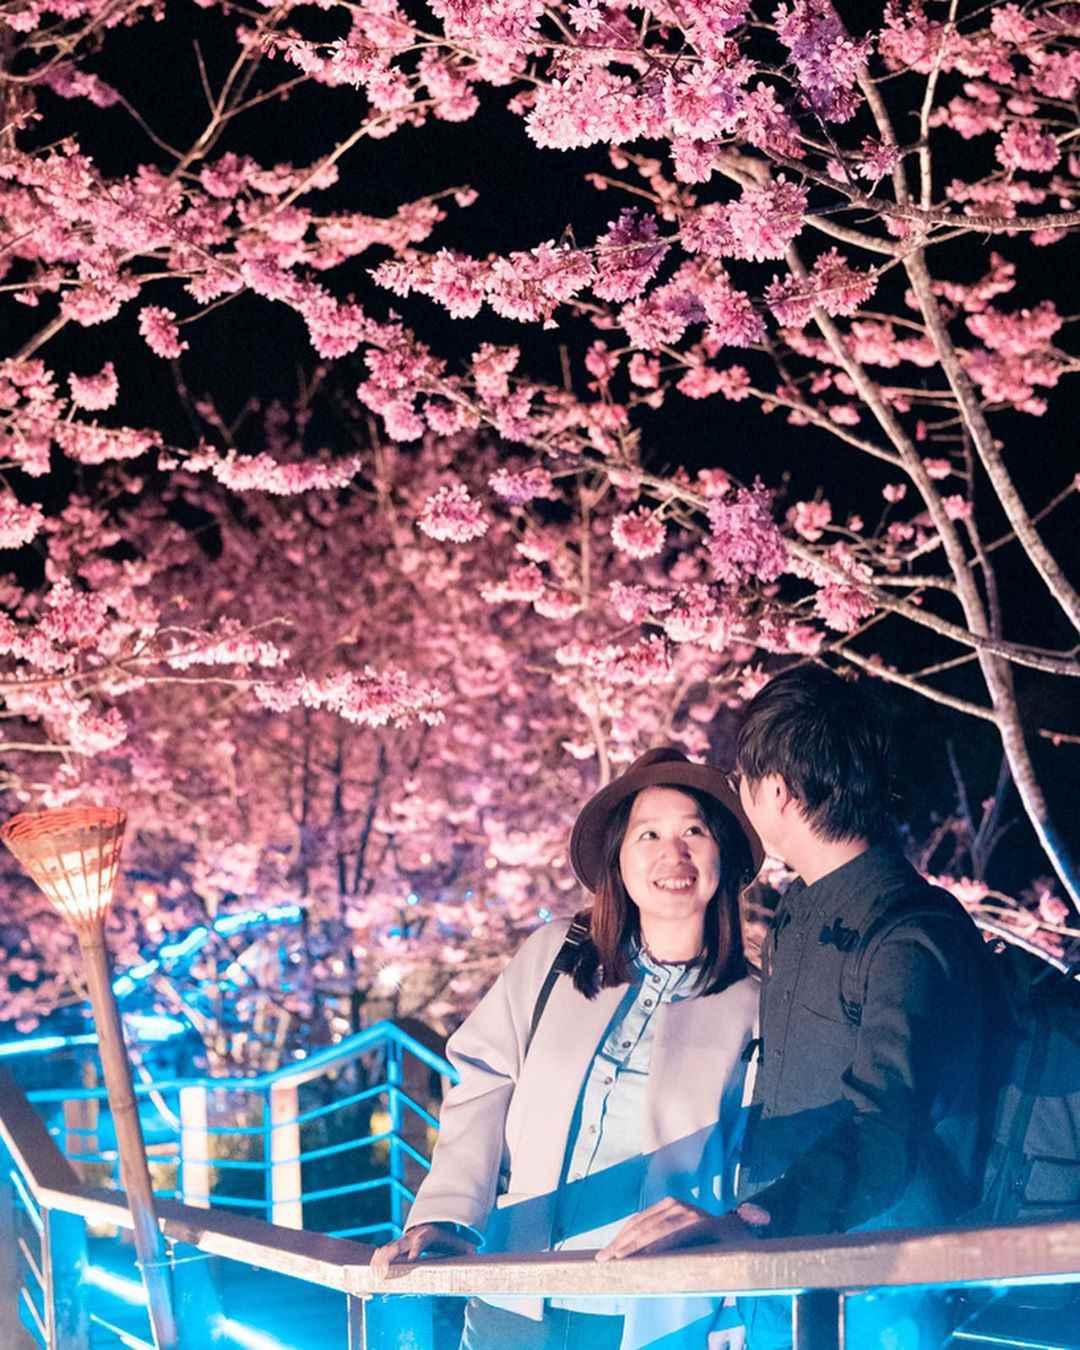 阿里山賞櫻 頂石棹夜櫻